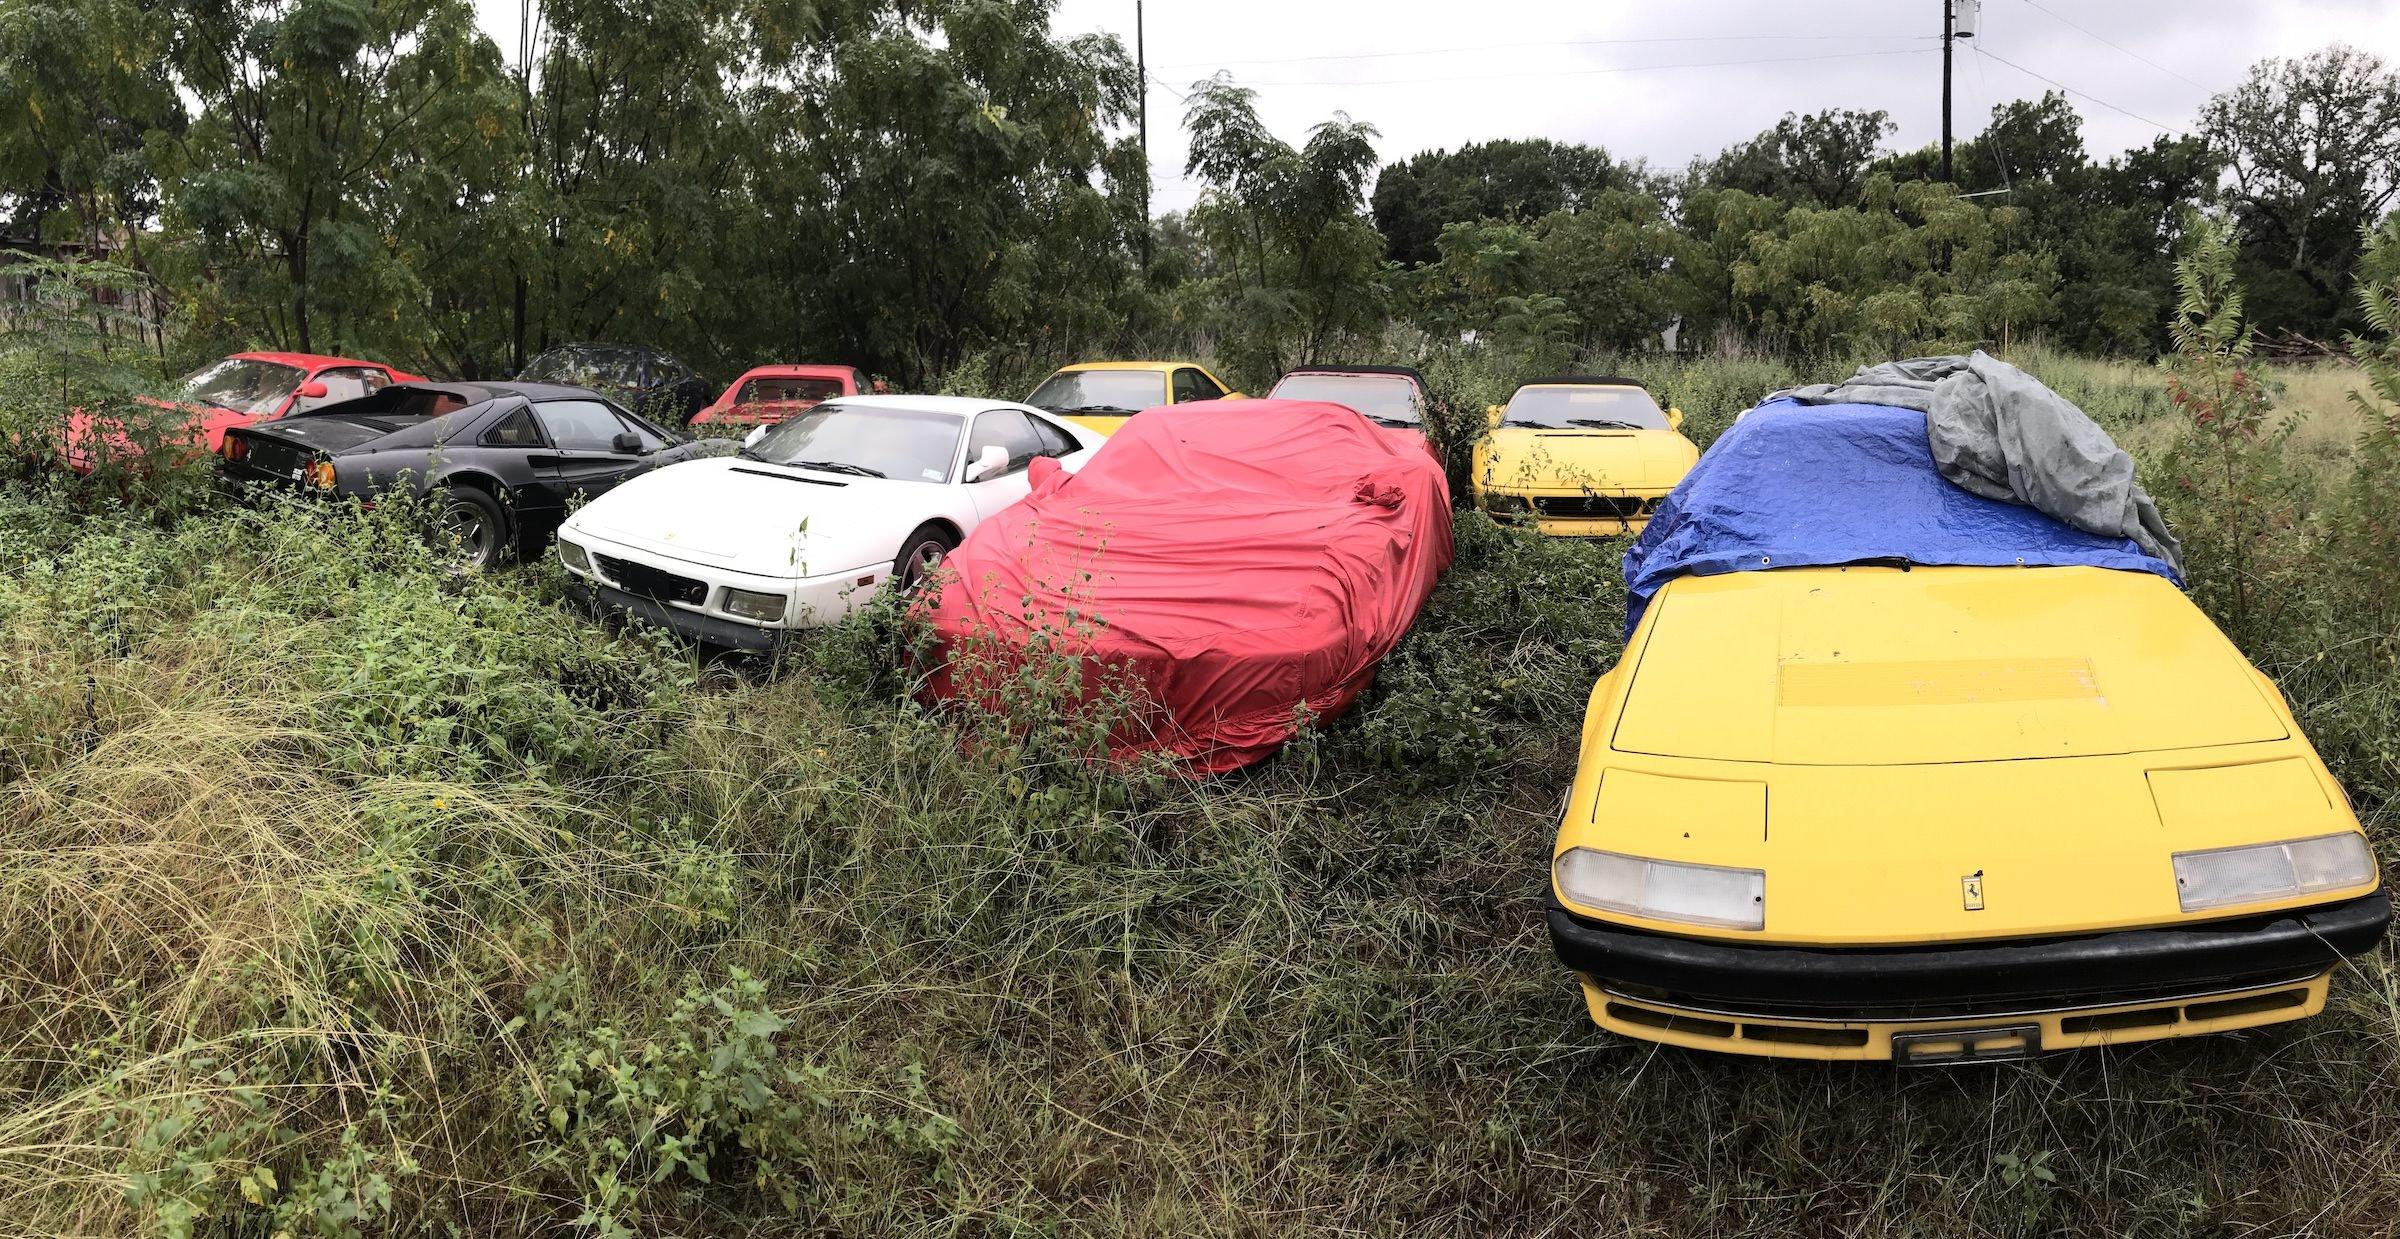 Field Of Abandoned Ferraris